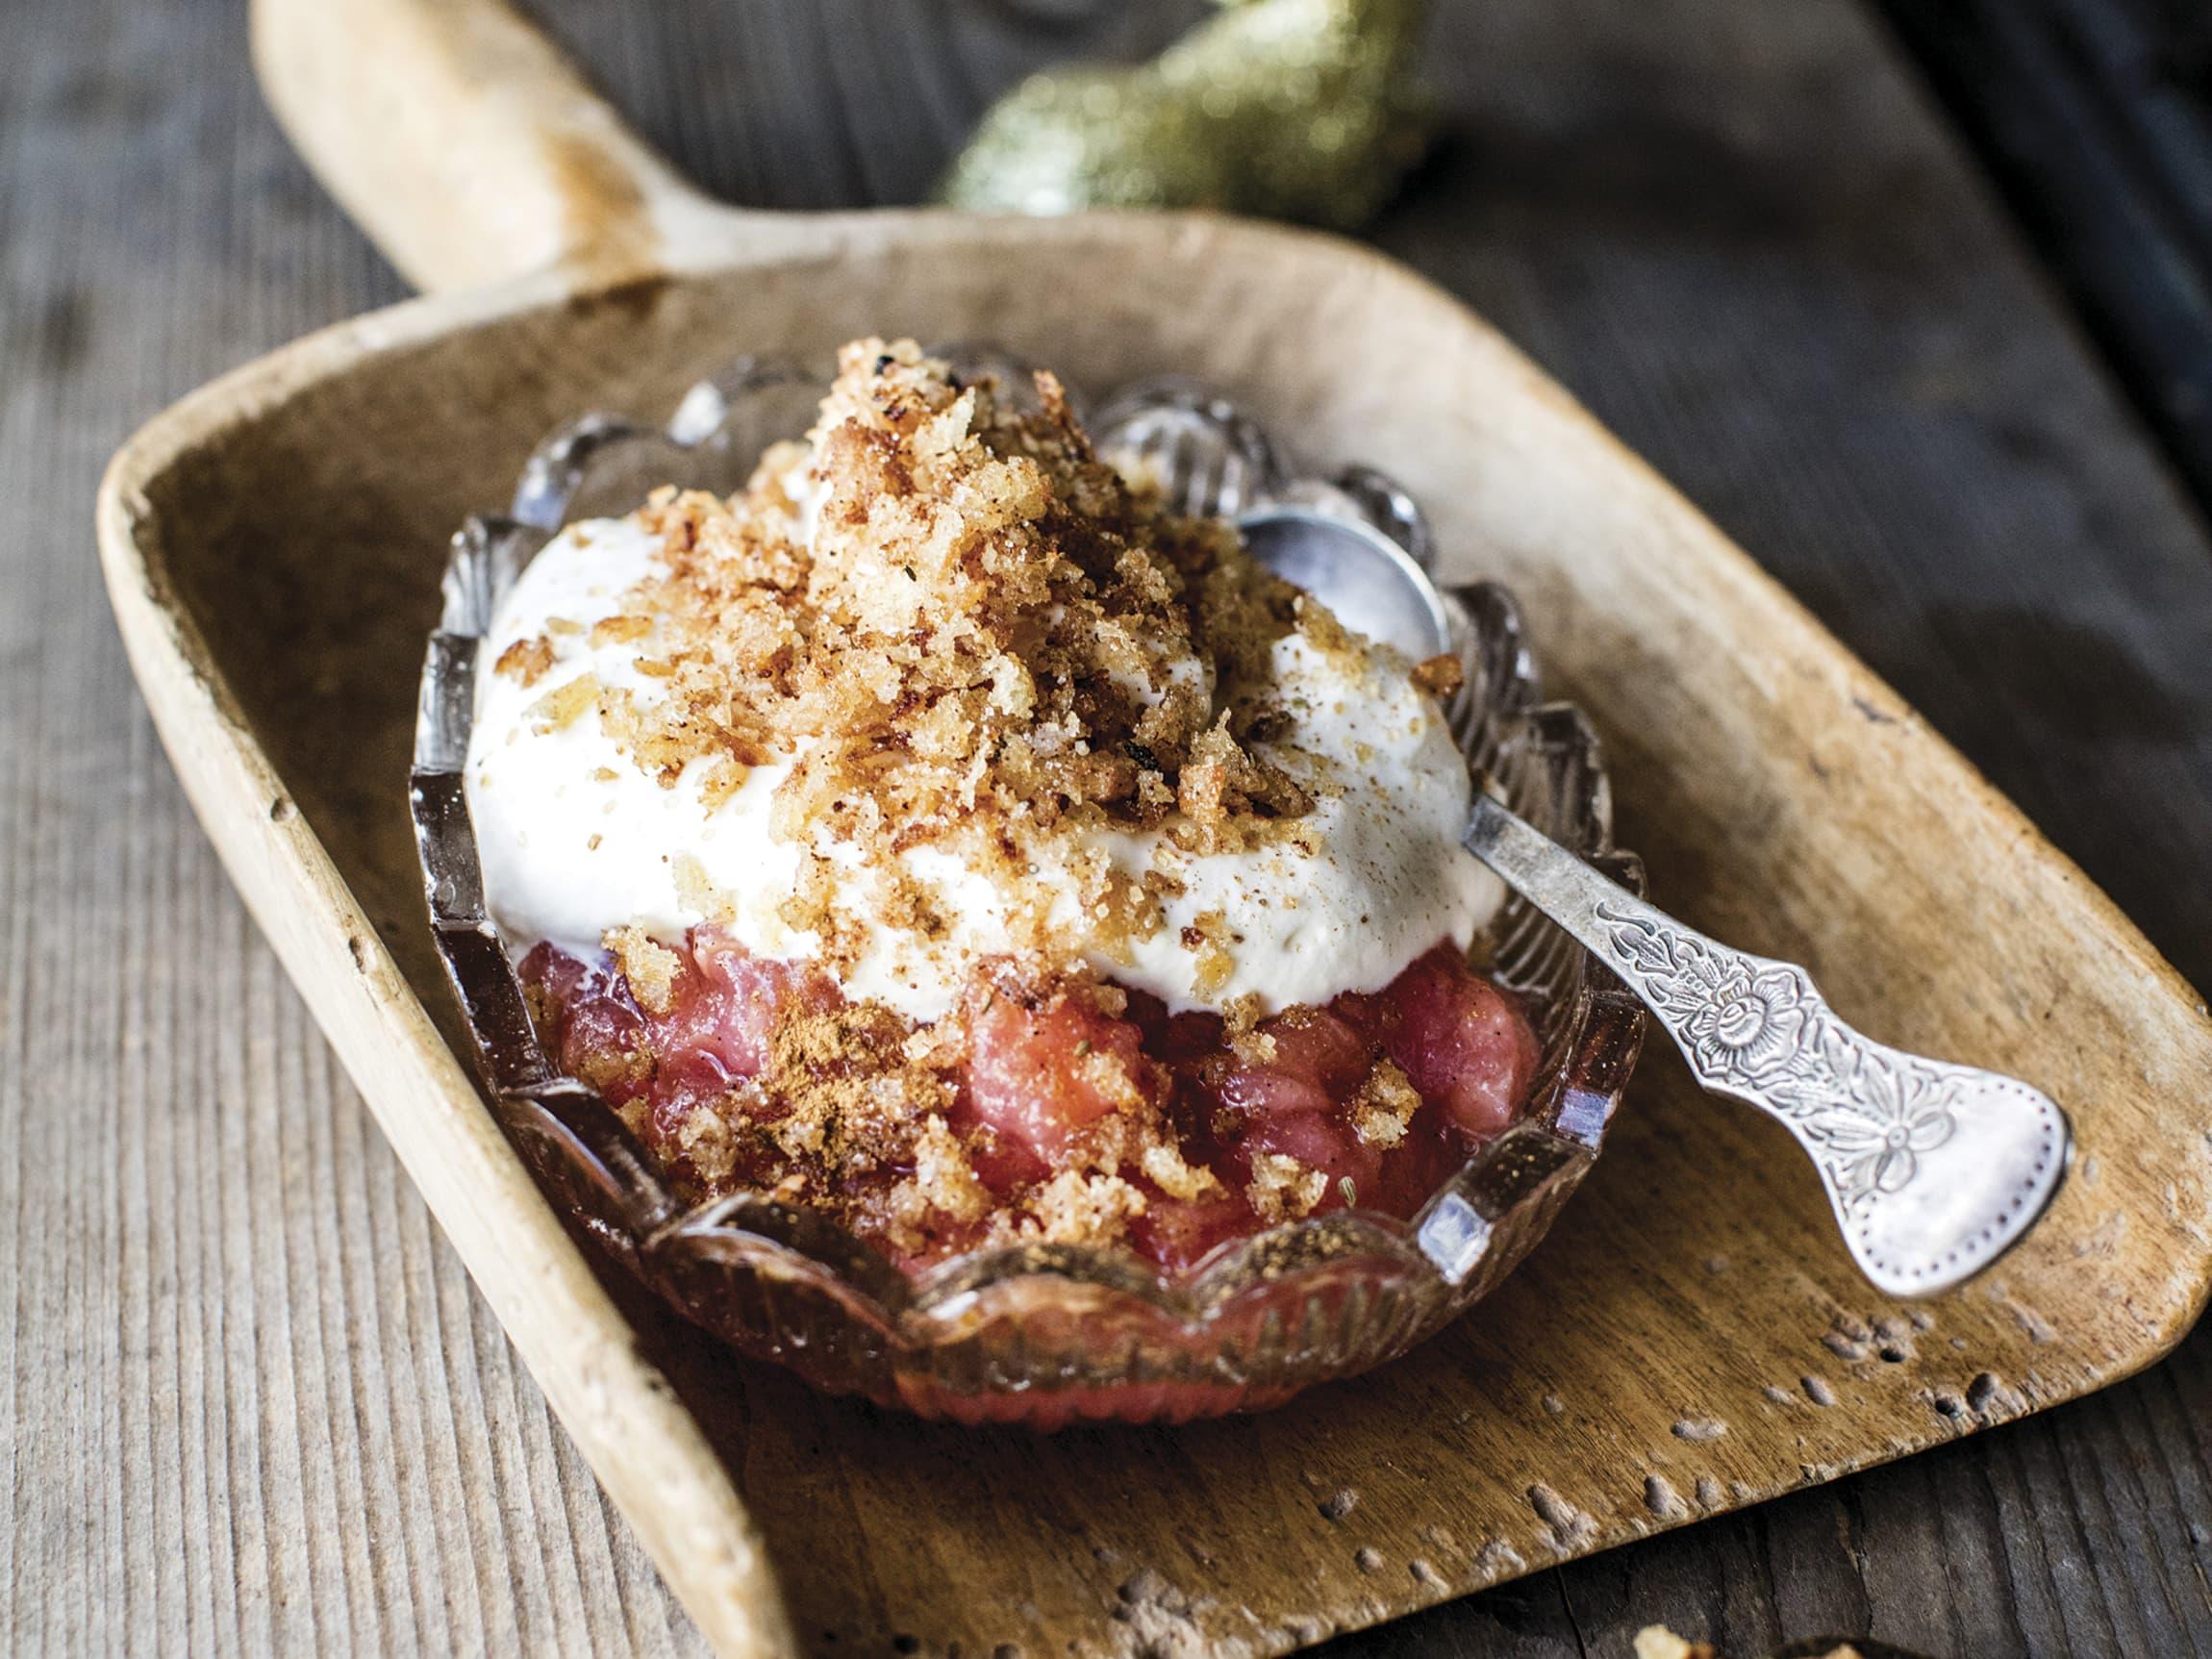 Denne knasende gode desserten består av eplemos, krem og kavring, med deilig smak av julekrydder.